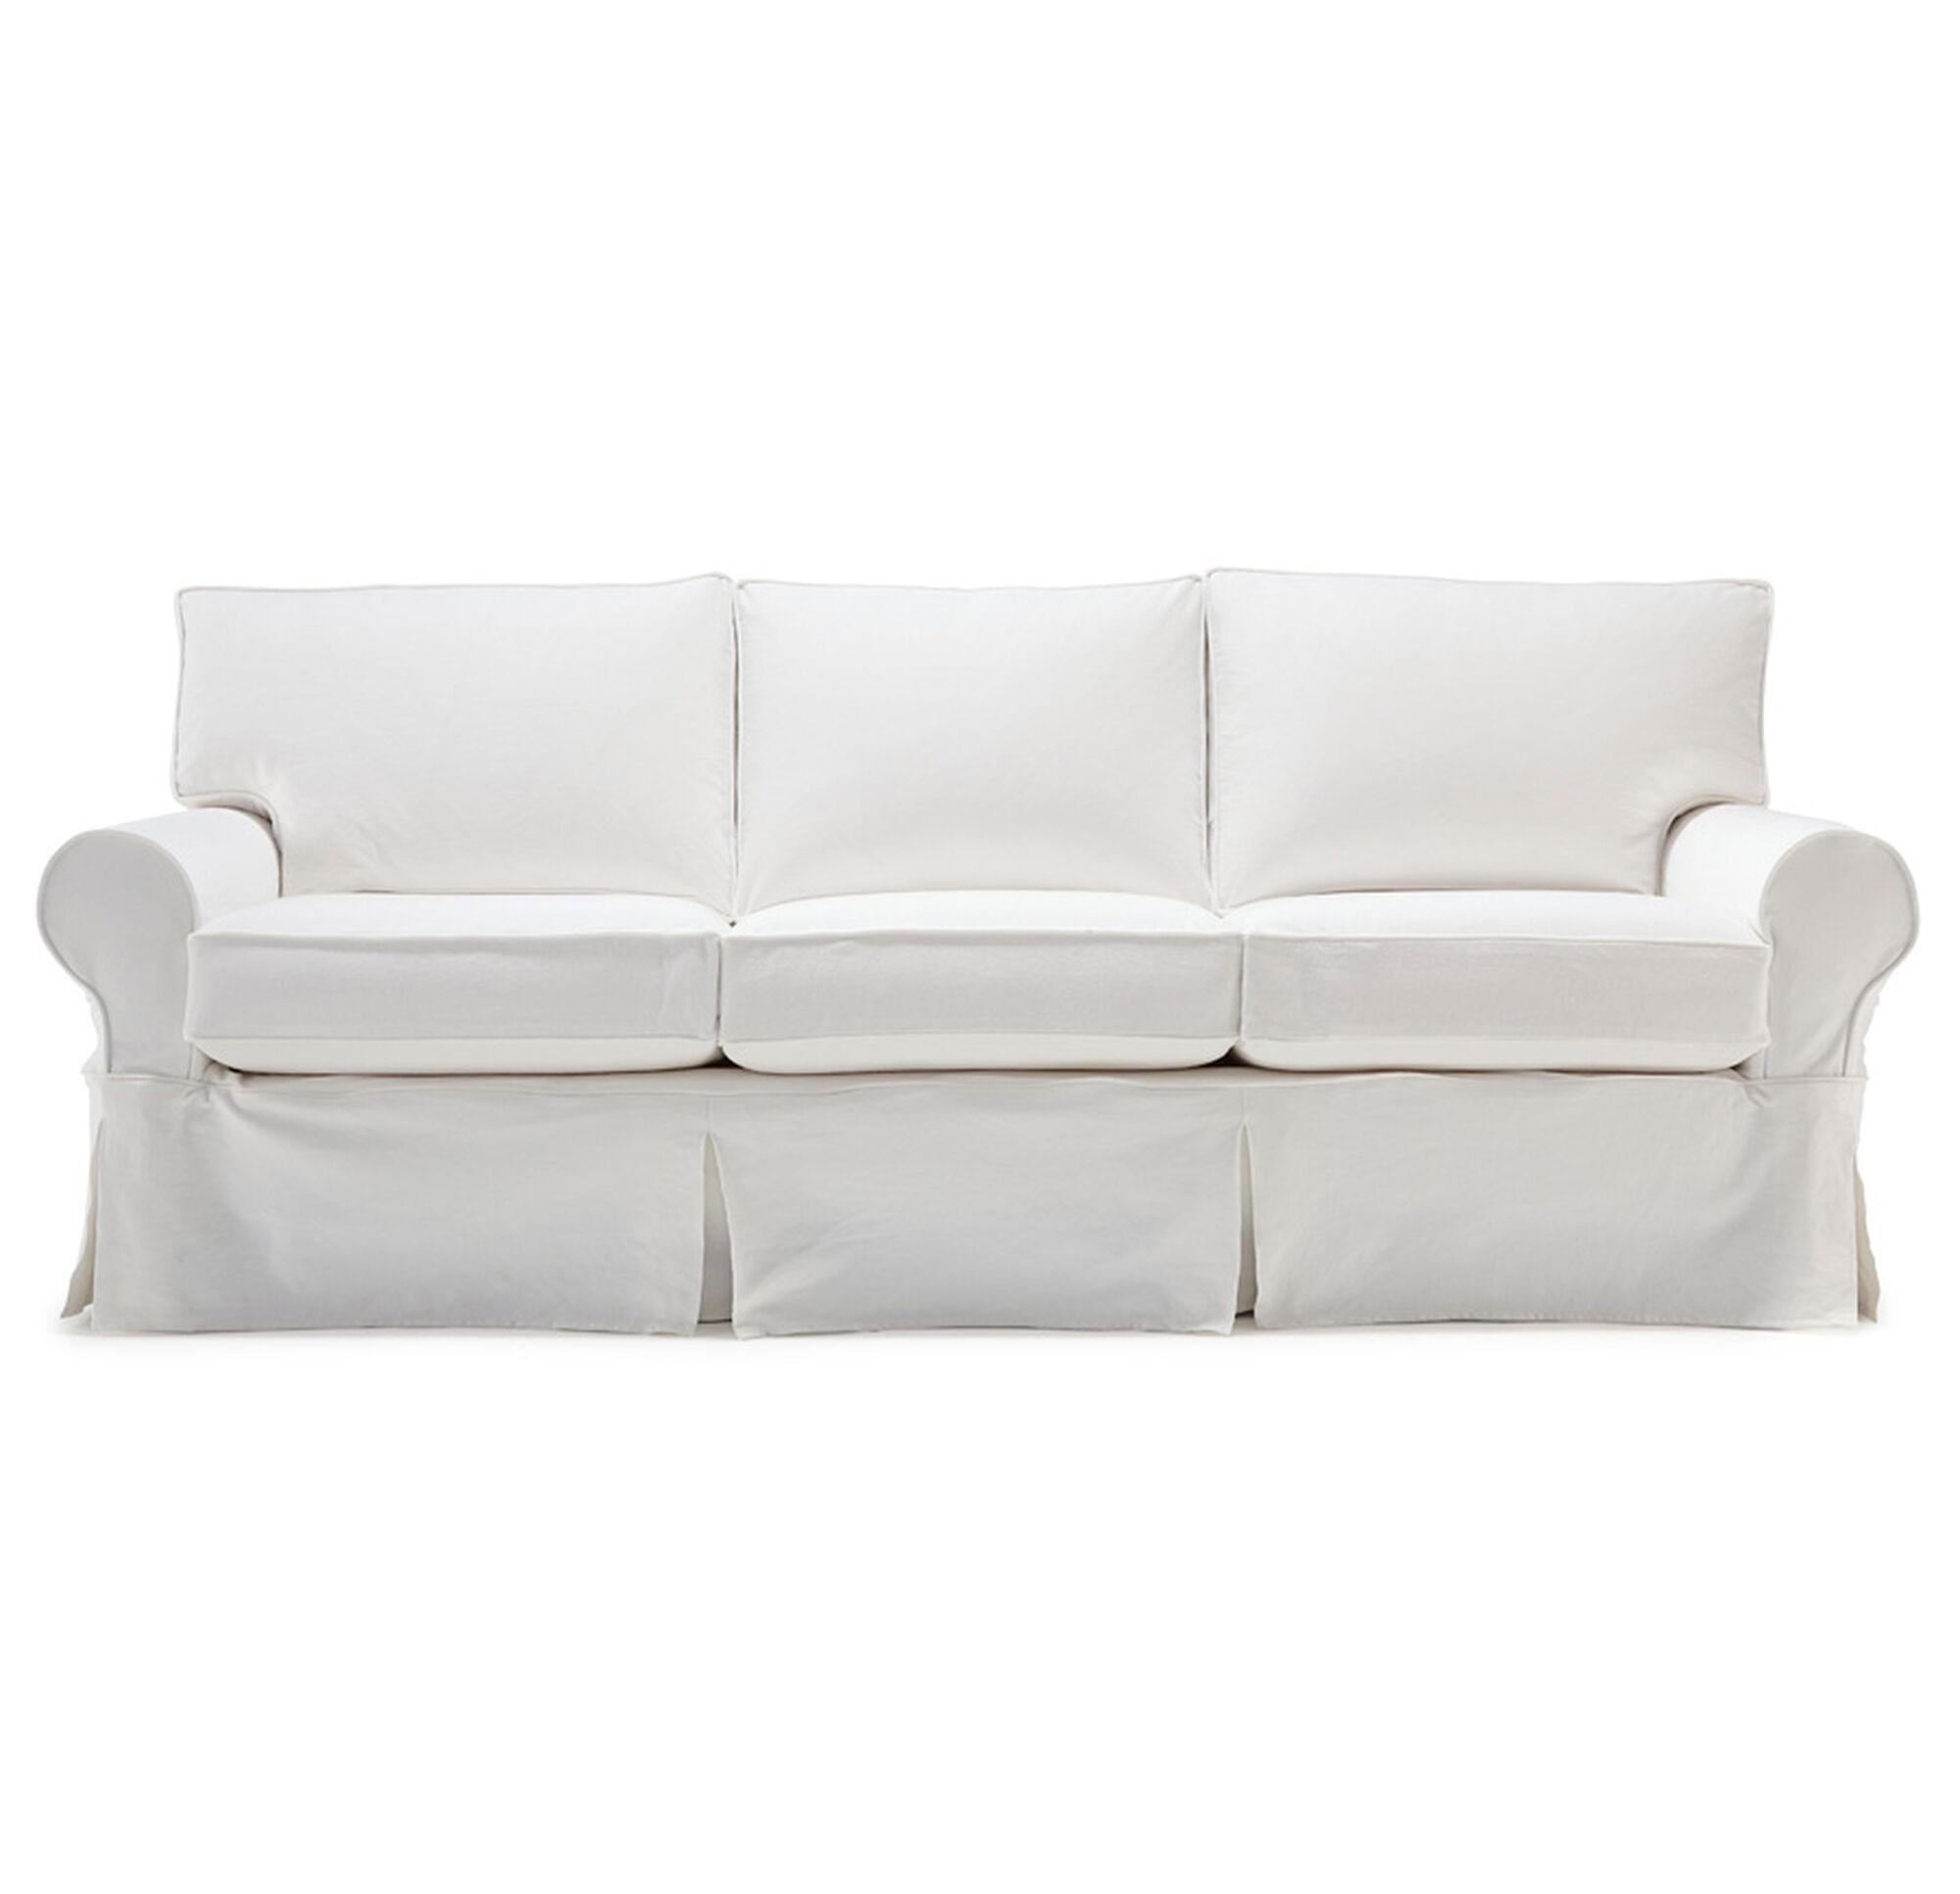 Alexa ii slipcover sofa hi res